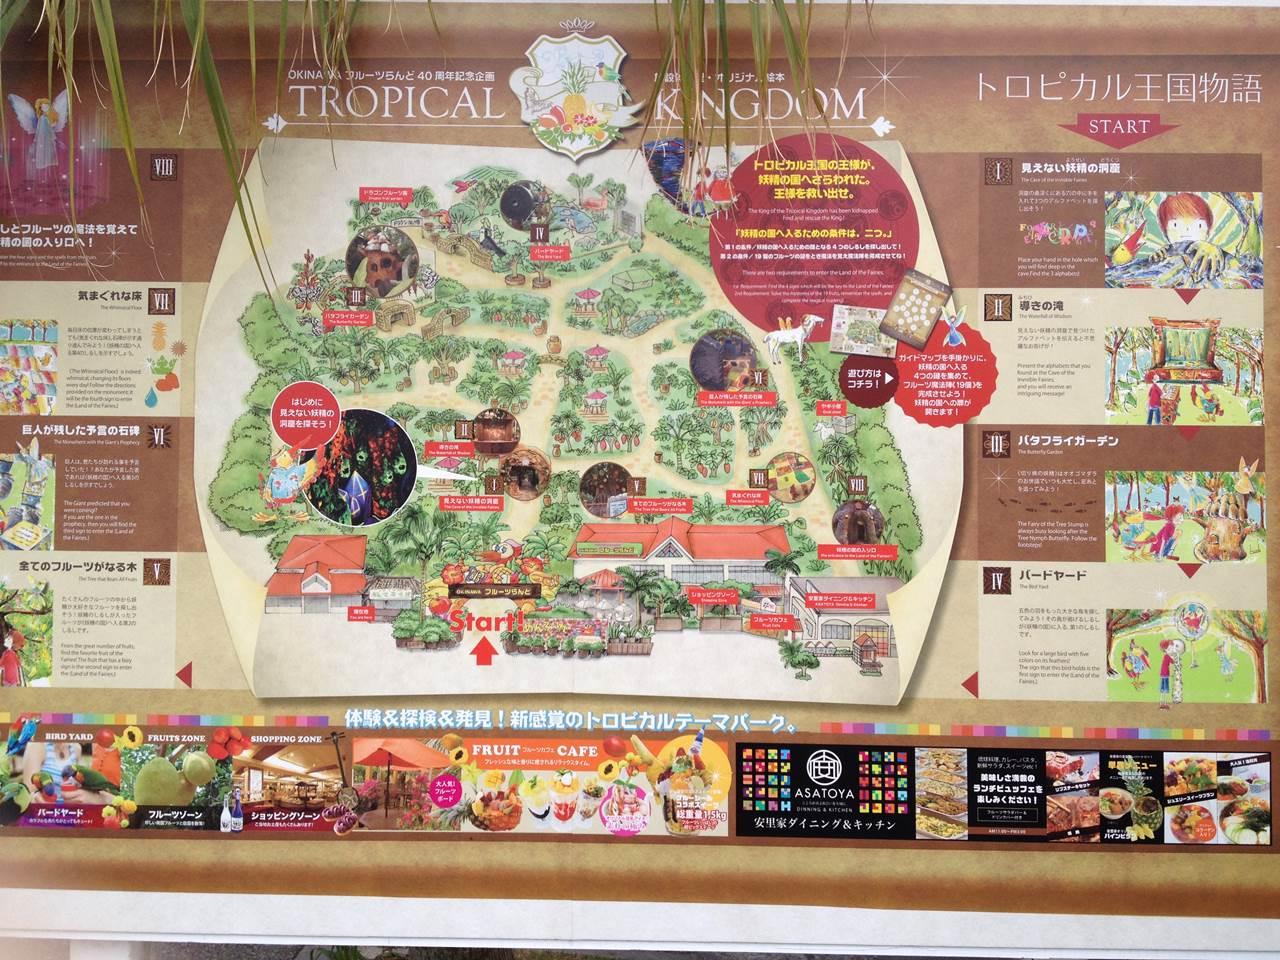 トロピカル王国の全体地図